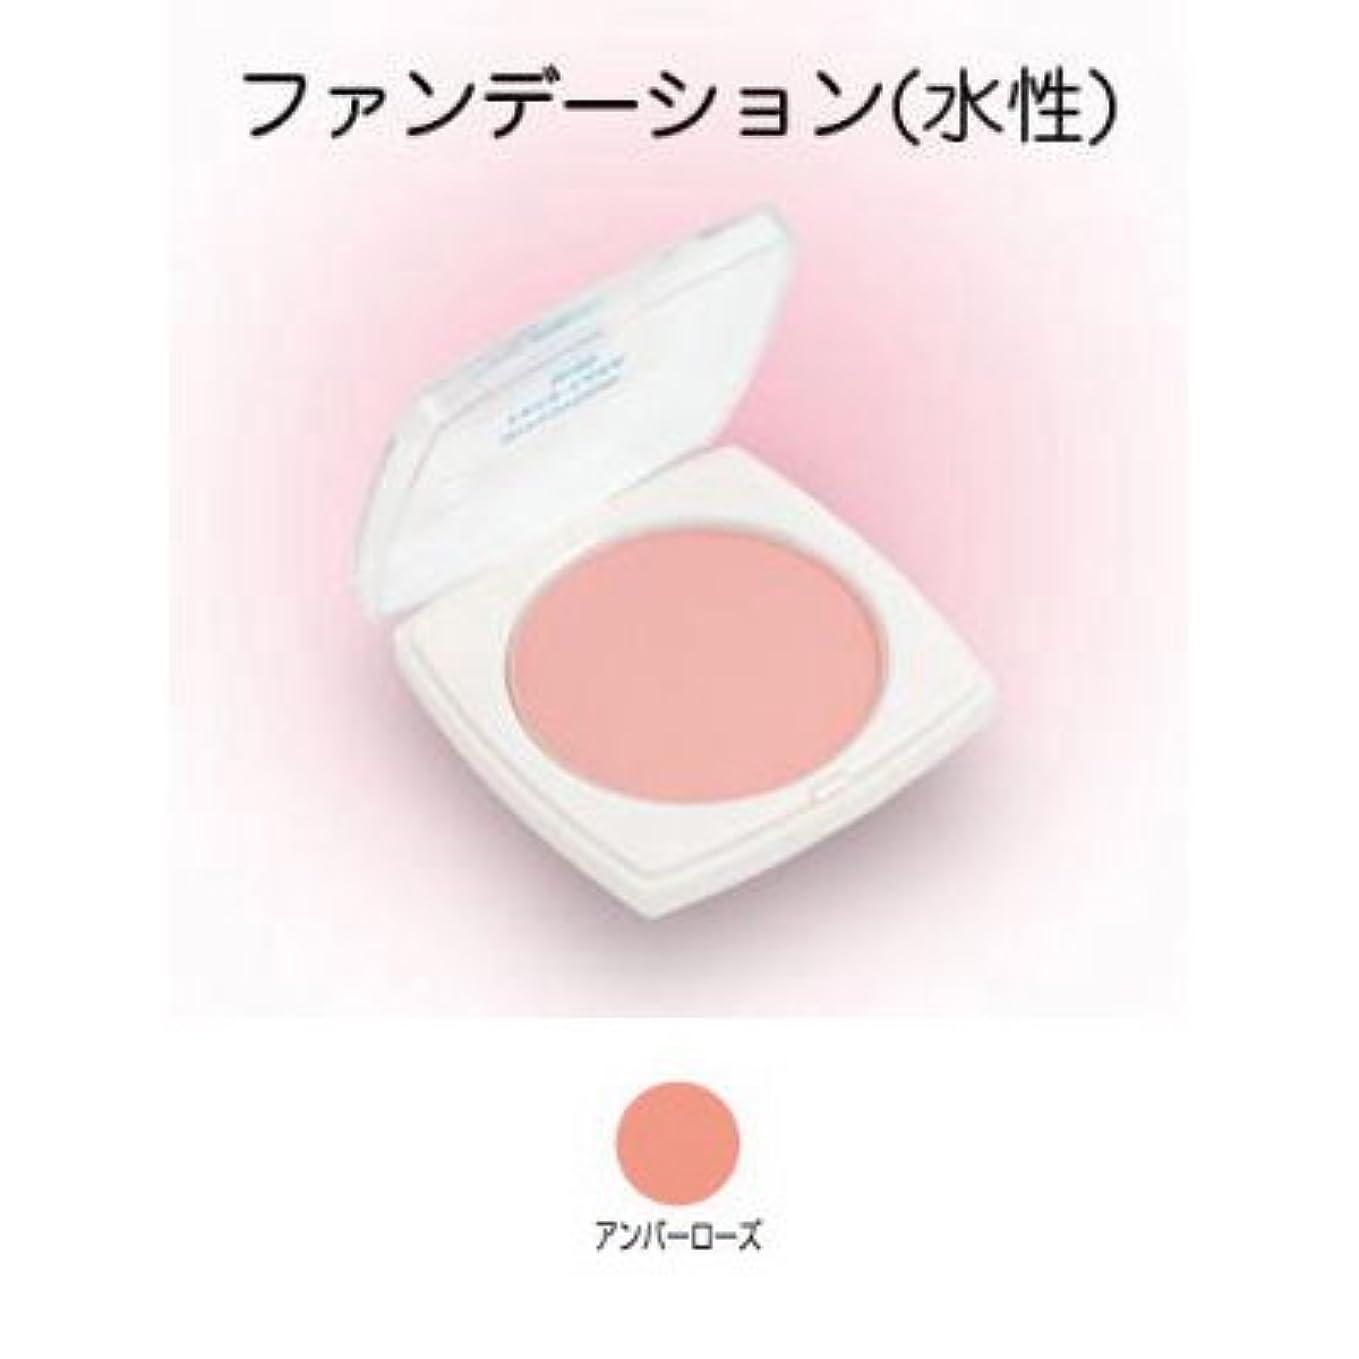 ポット平和なスーダンフェースケーキ ミニ 17g アンバーローズ 【三善】